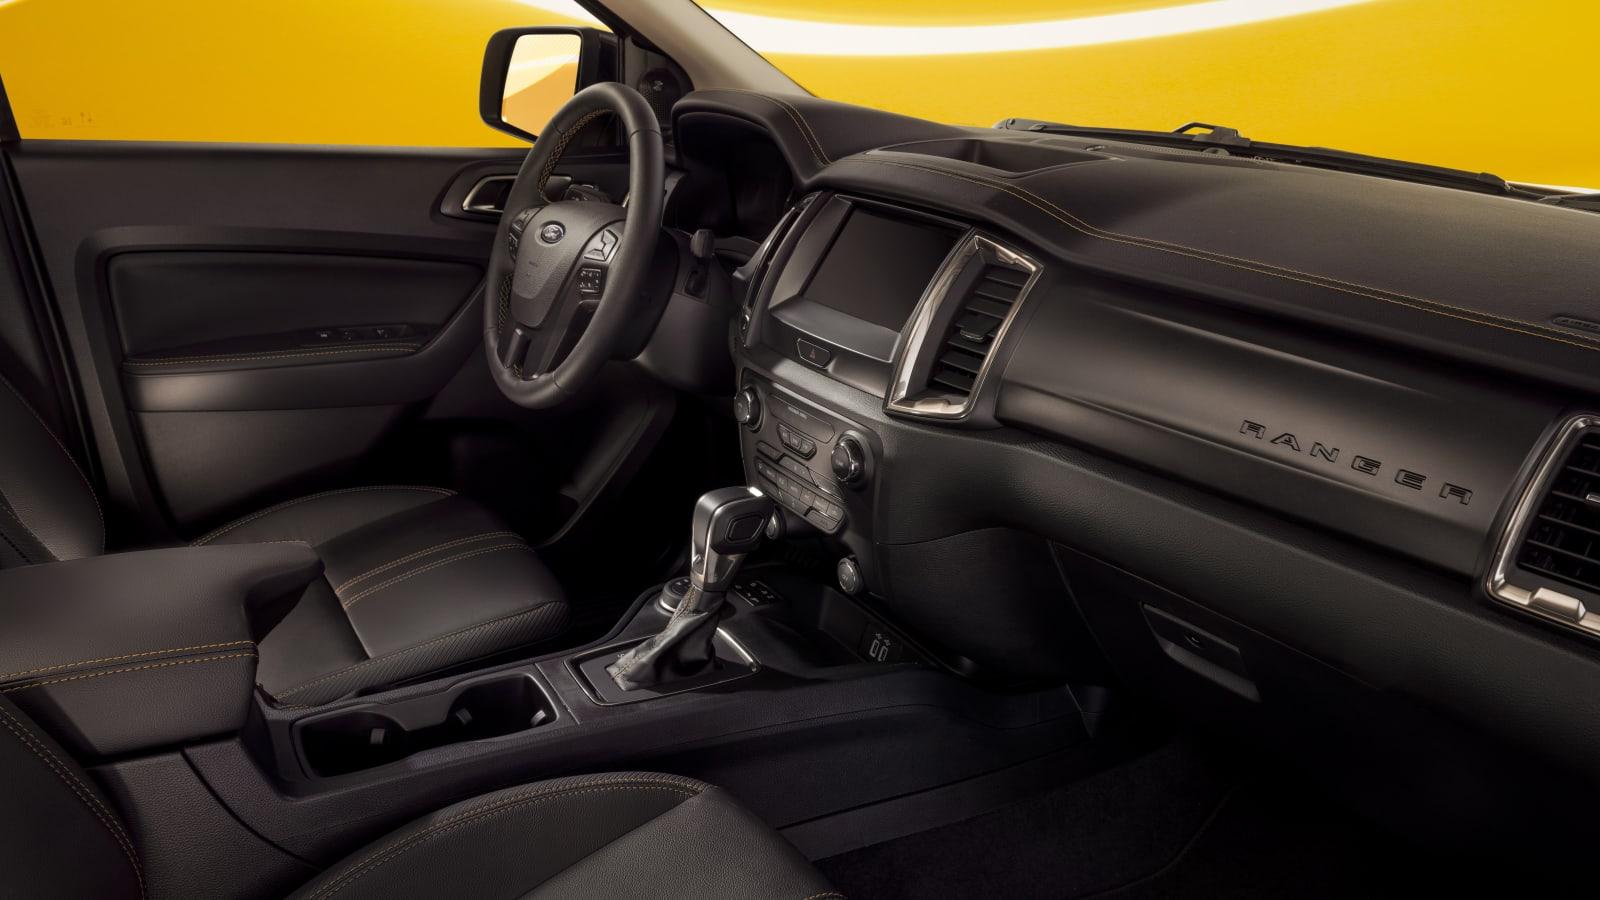 2022 Ford Ranger Splash bringt einen Hauch von Spaß in den mittelgroßen Pickup€